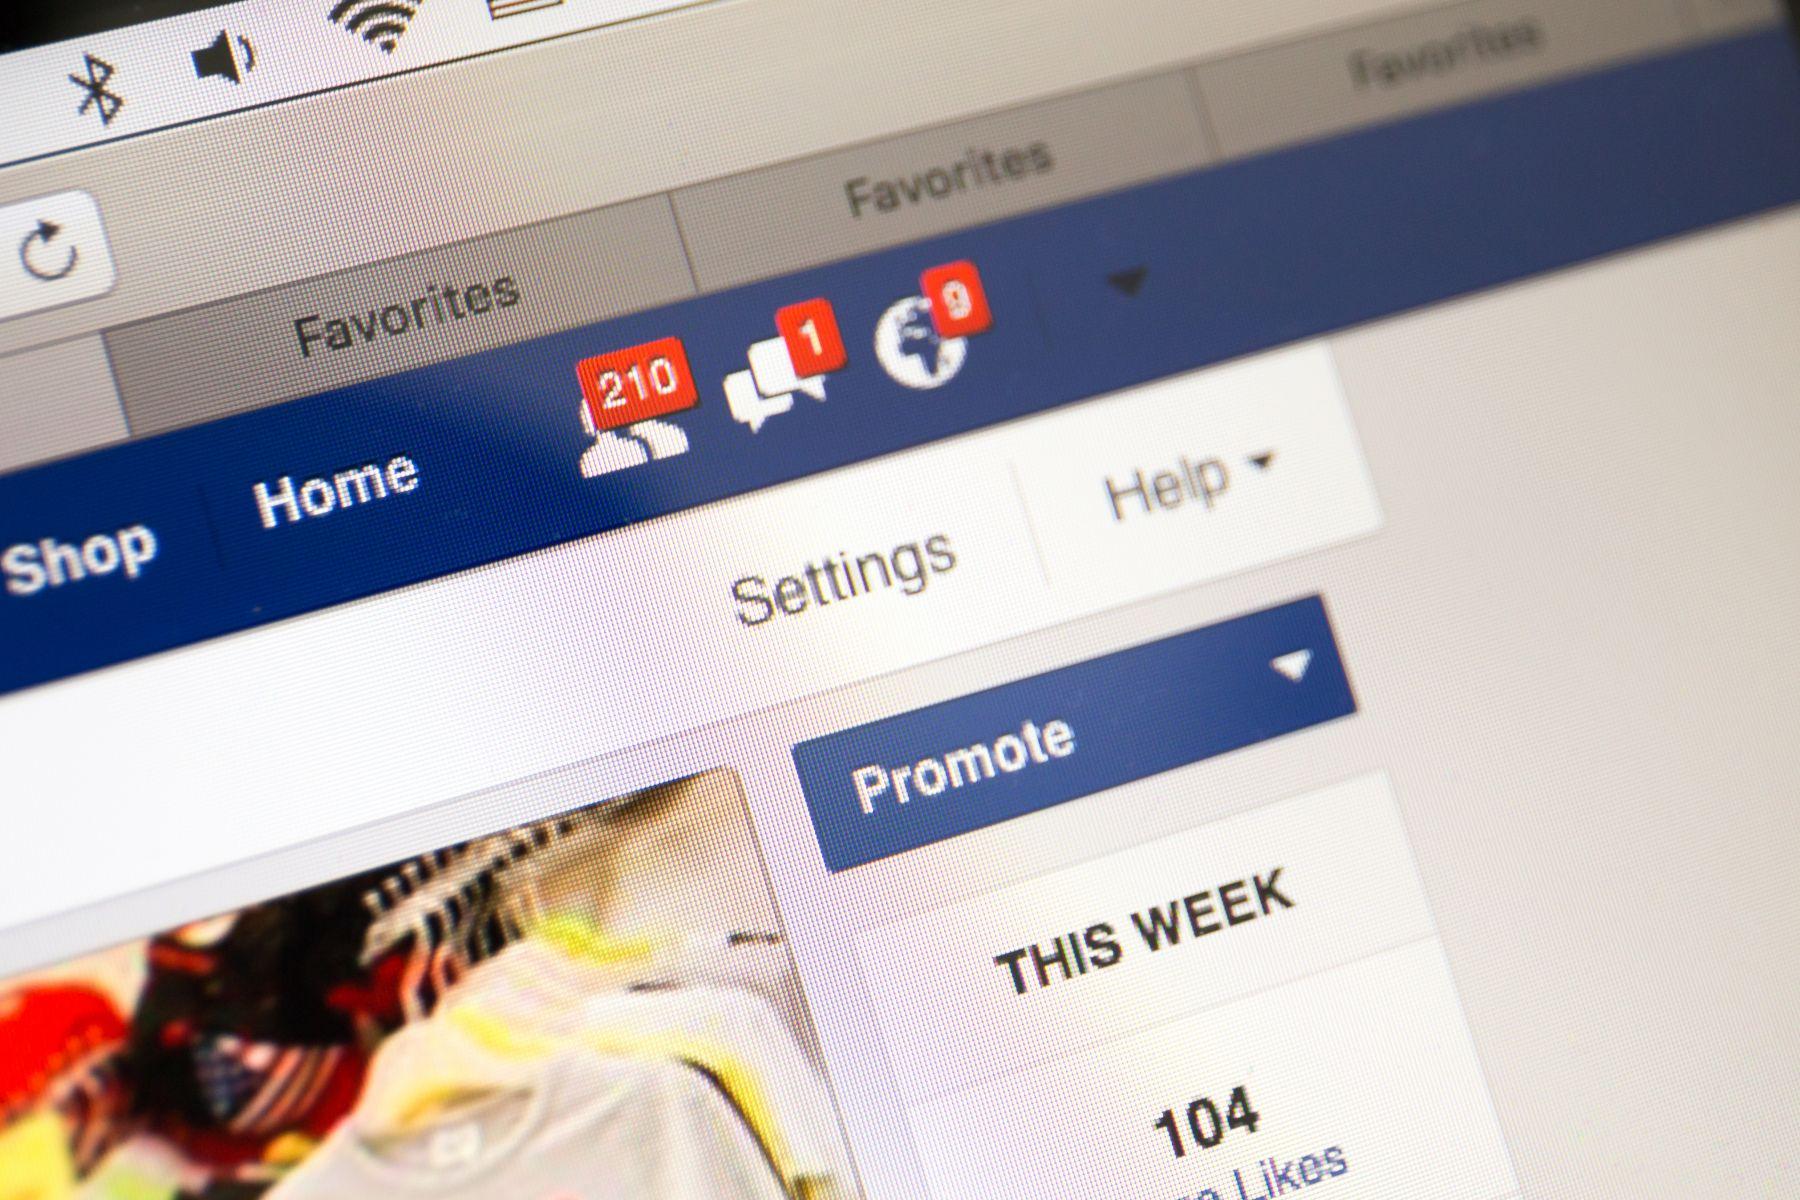 欲進軍中國? 推特及臉書:目前沒計畫